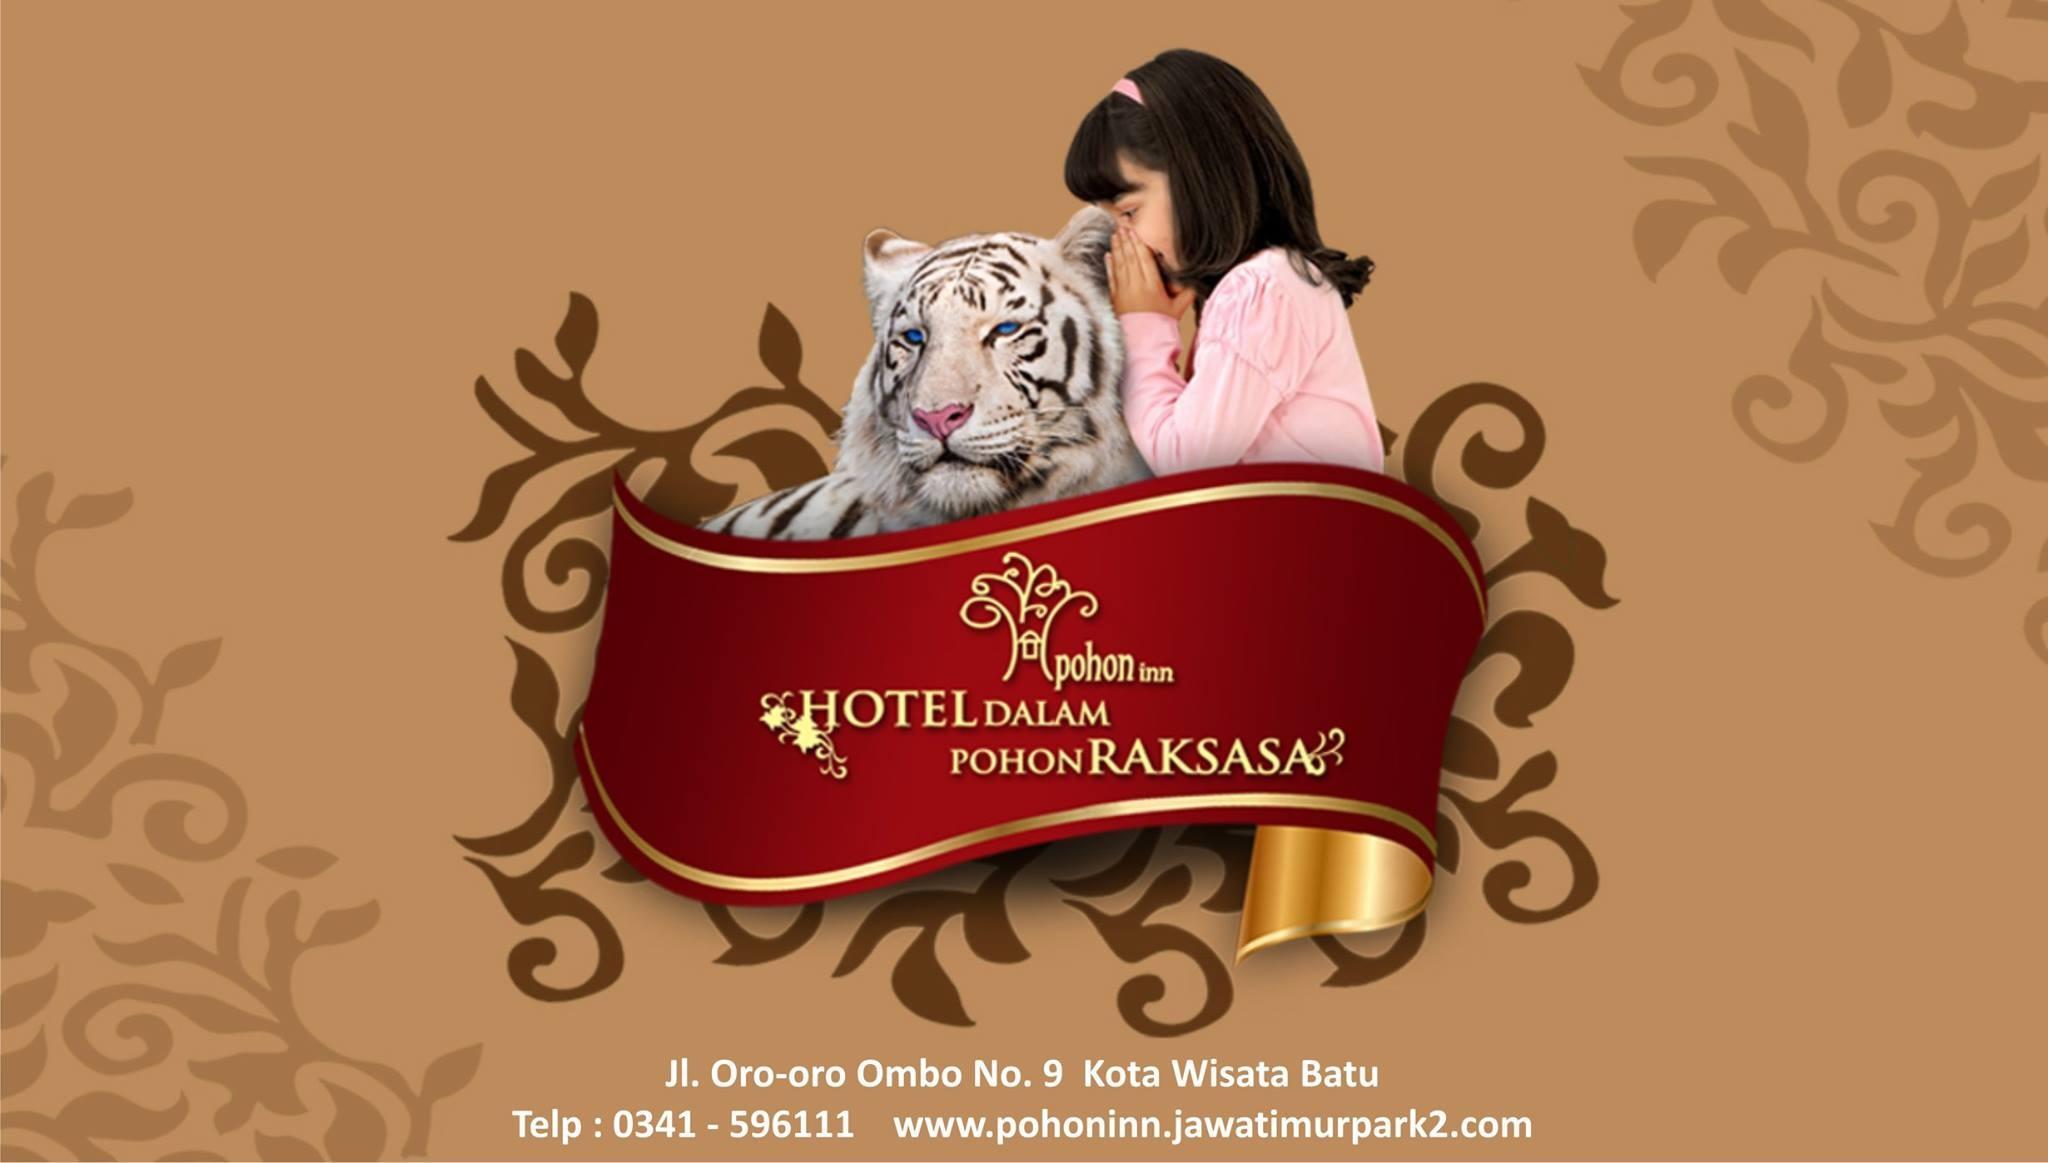 Pohon Inn Hotel Malang